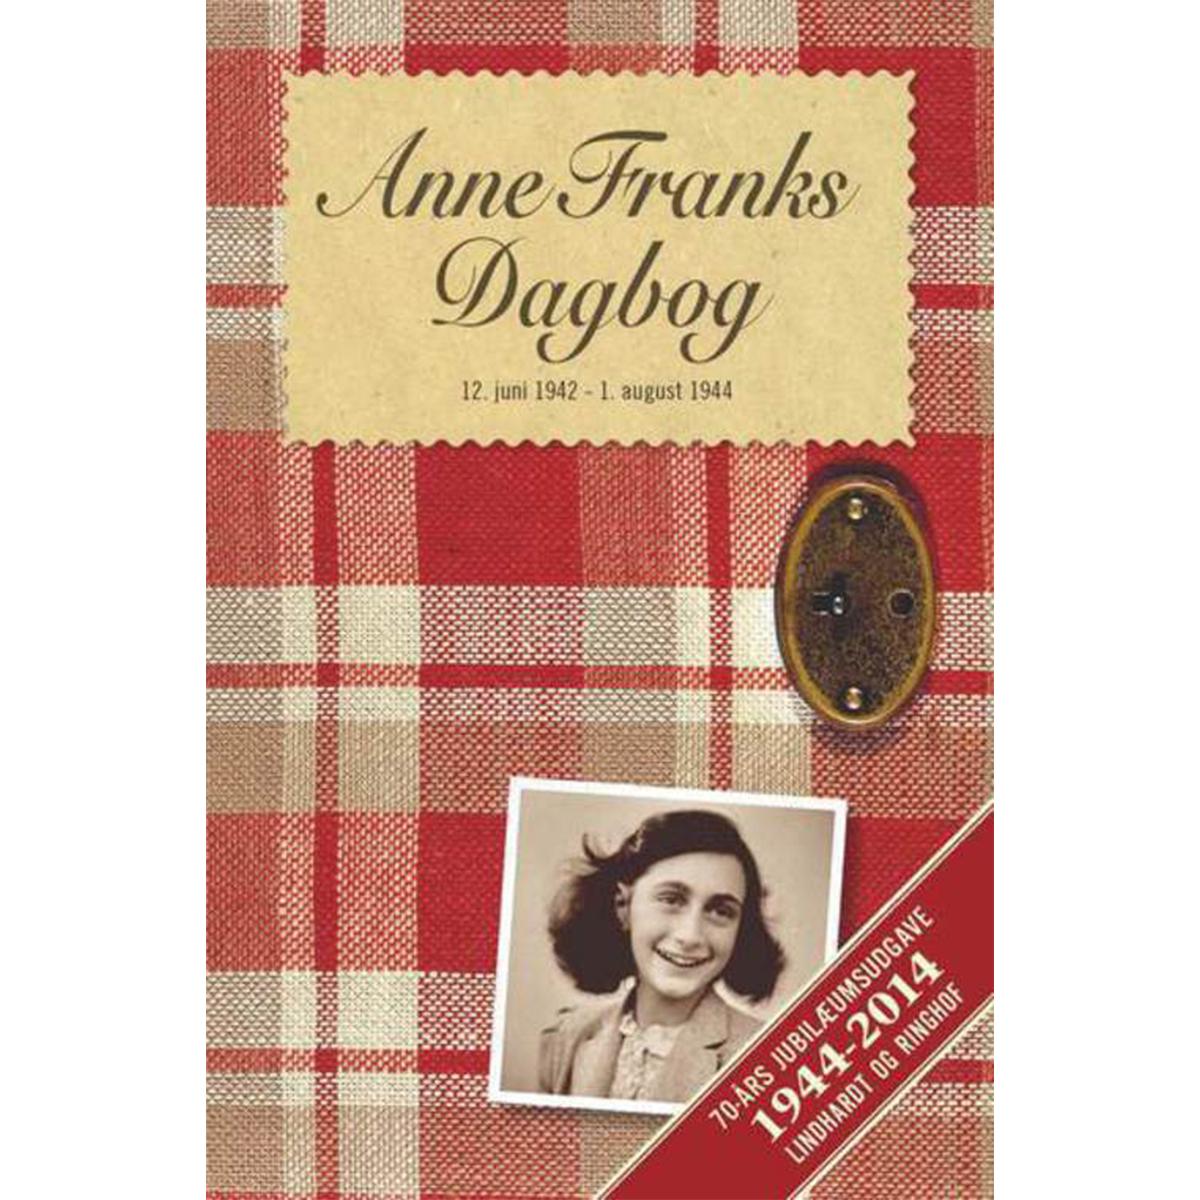 Billede af Anne Franks dagbog - Jubilæumsudgave - Hæftet